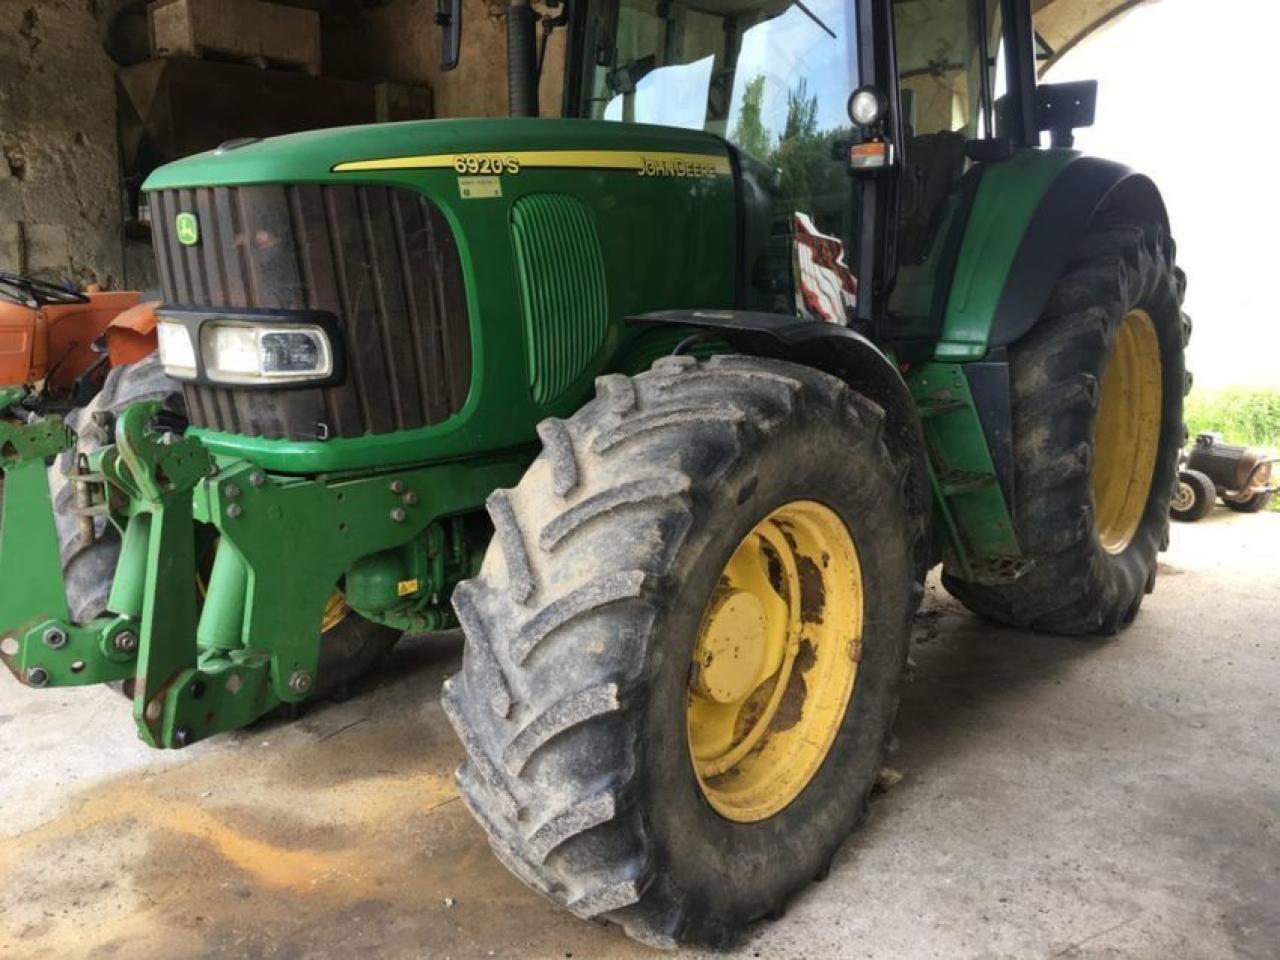 Prächtig Wheel tractor John Deere 6920 S, 36501 USD - Truck1 ID - 3800169 &MN_84